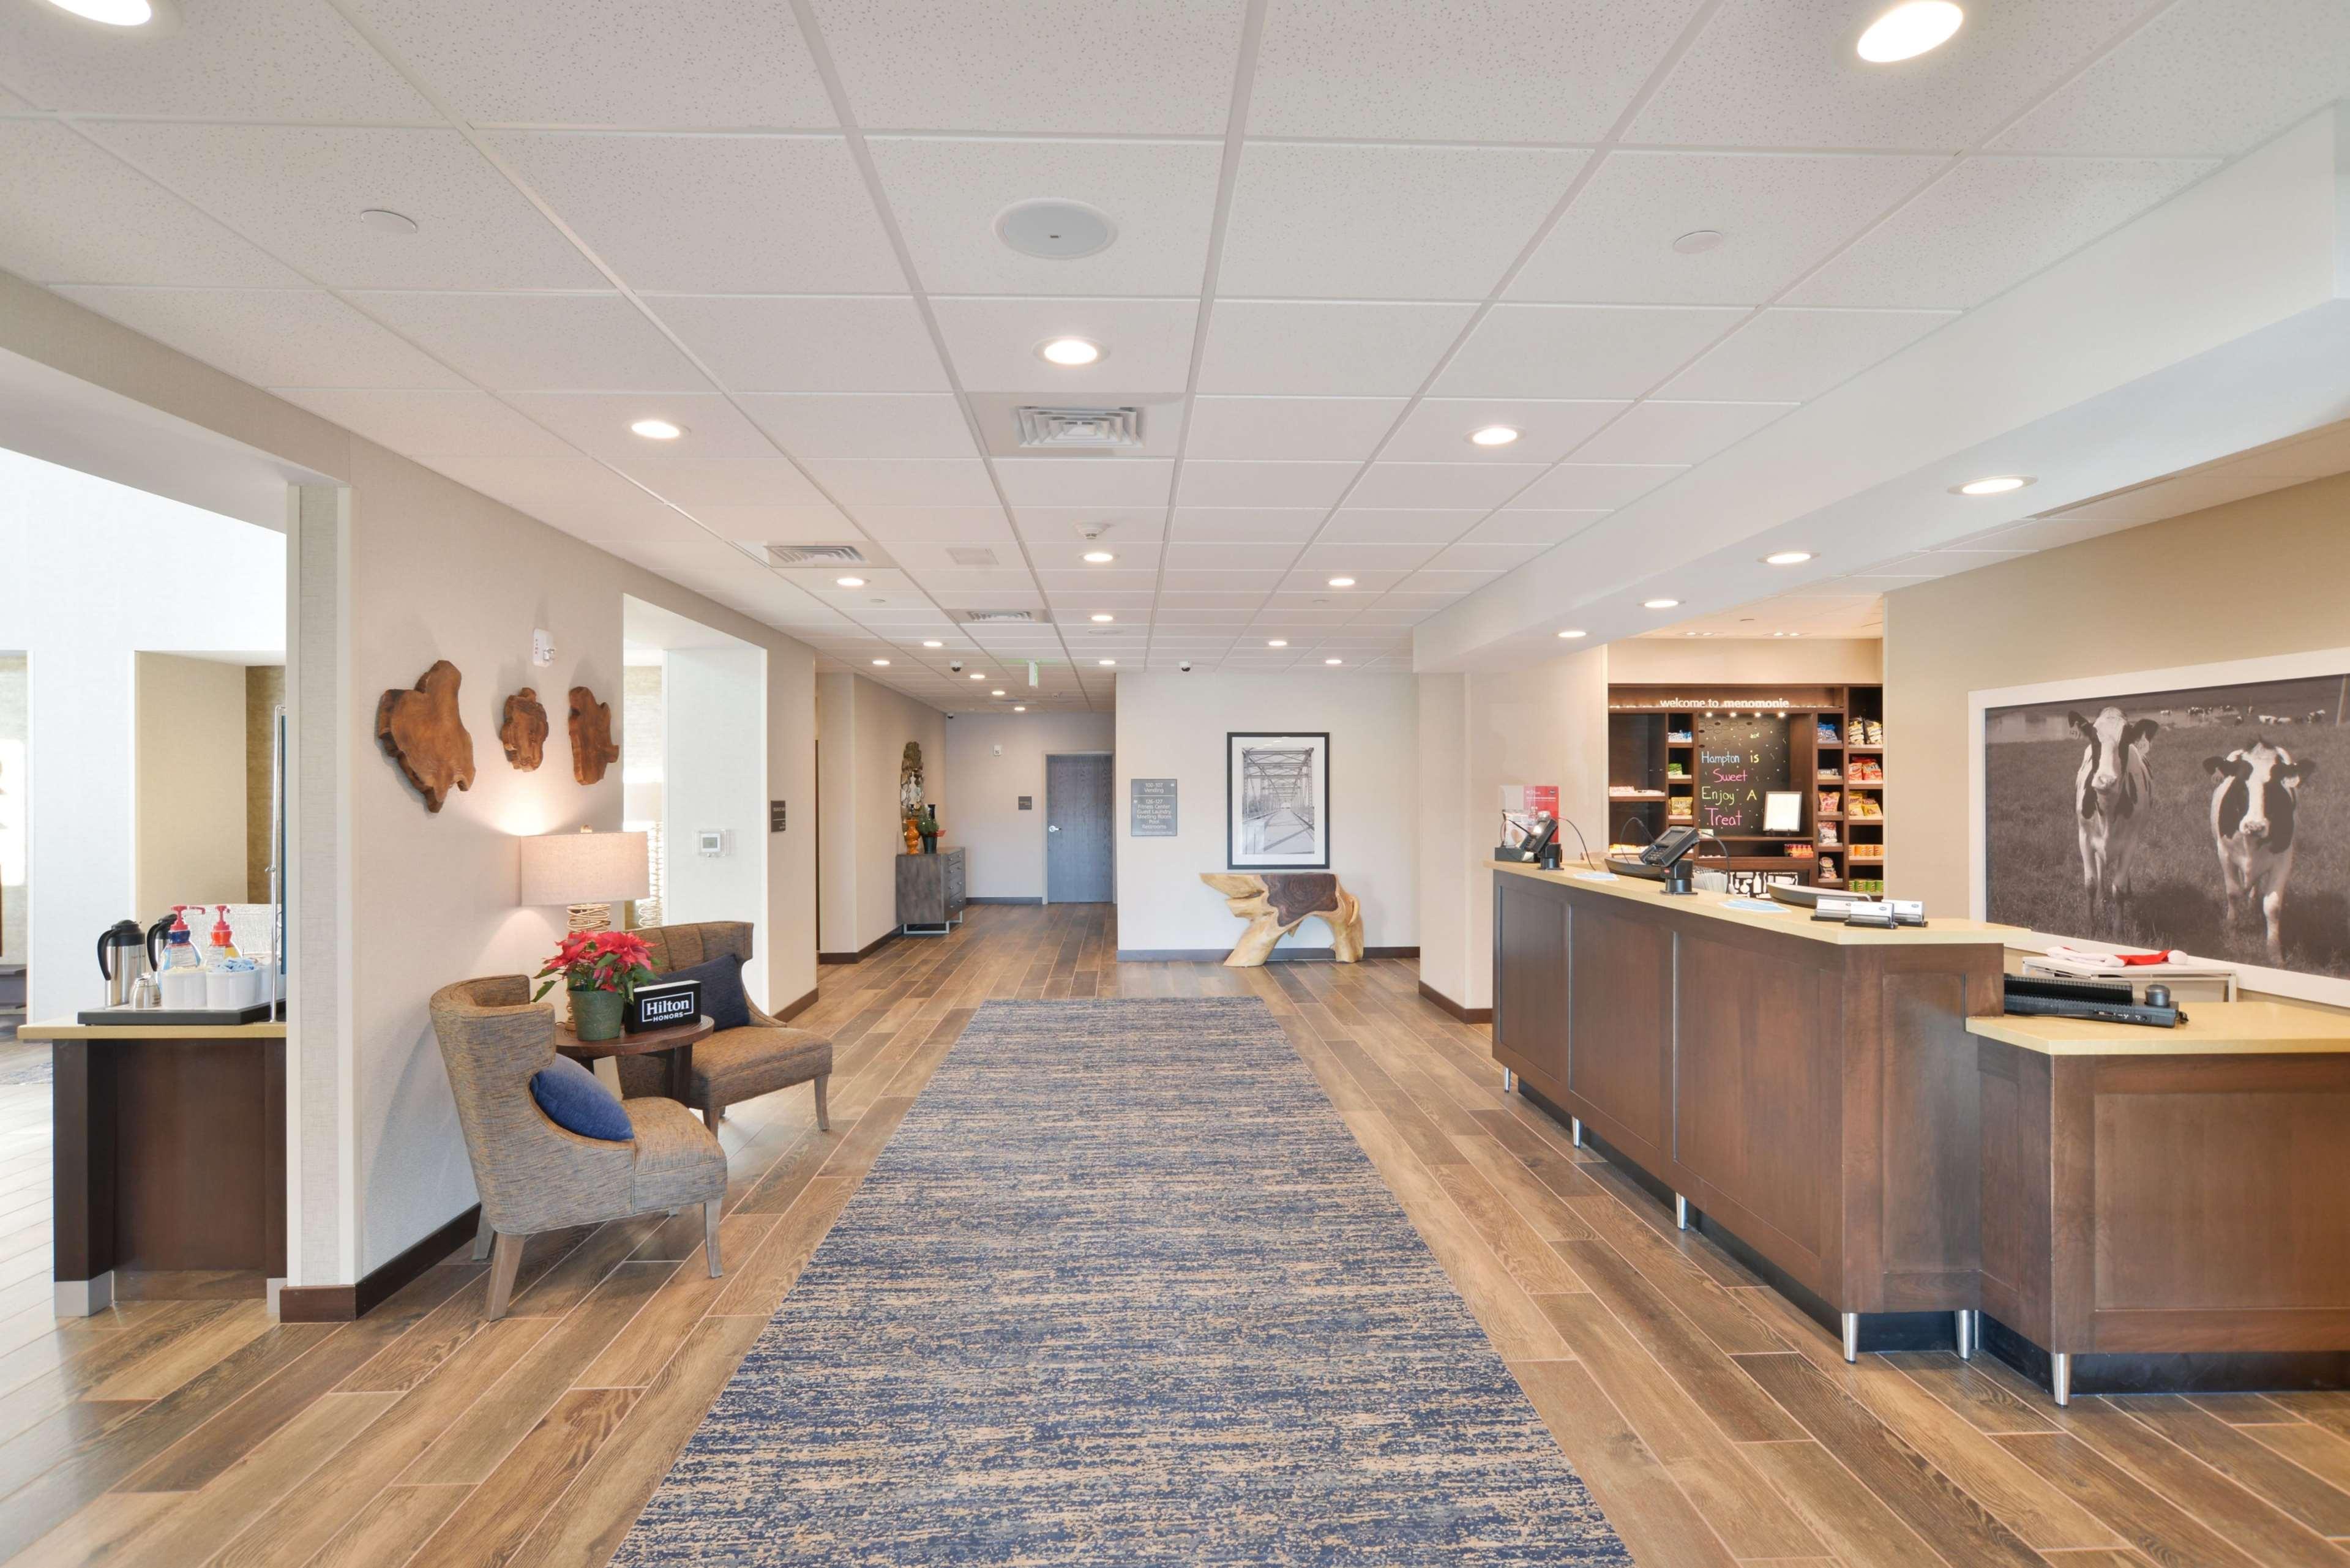 Hampton Inn & Suites Menomonie-UW Stout image 0